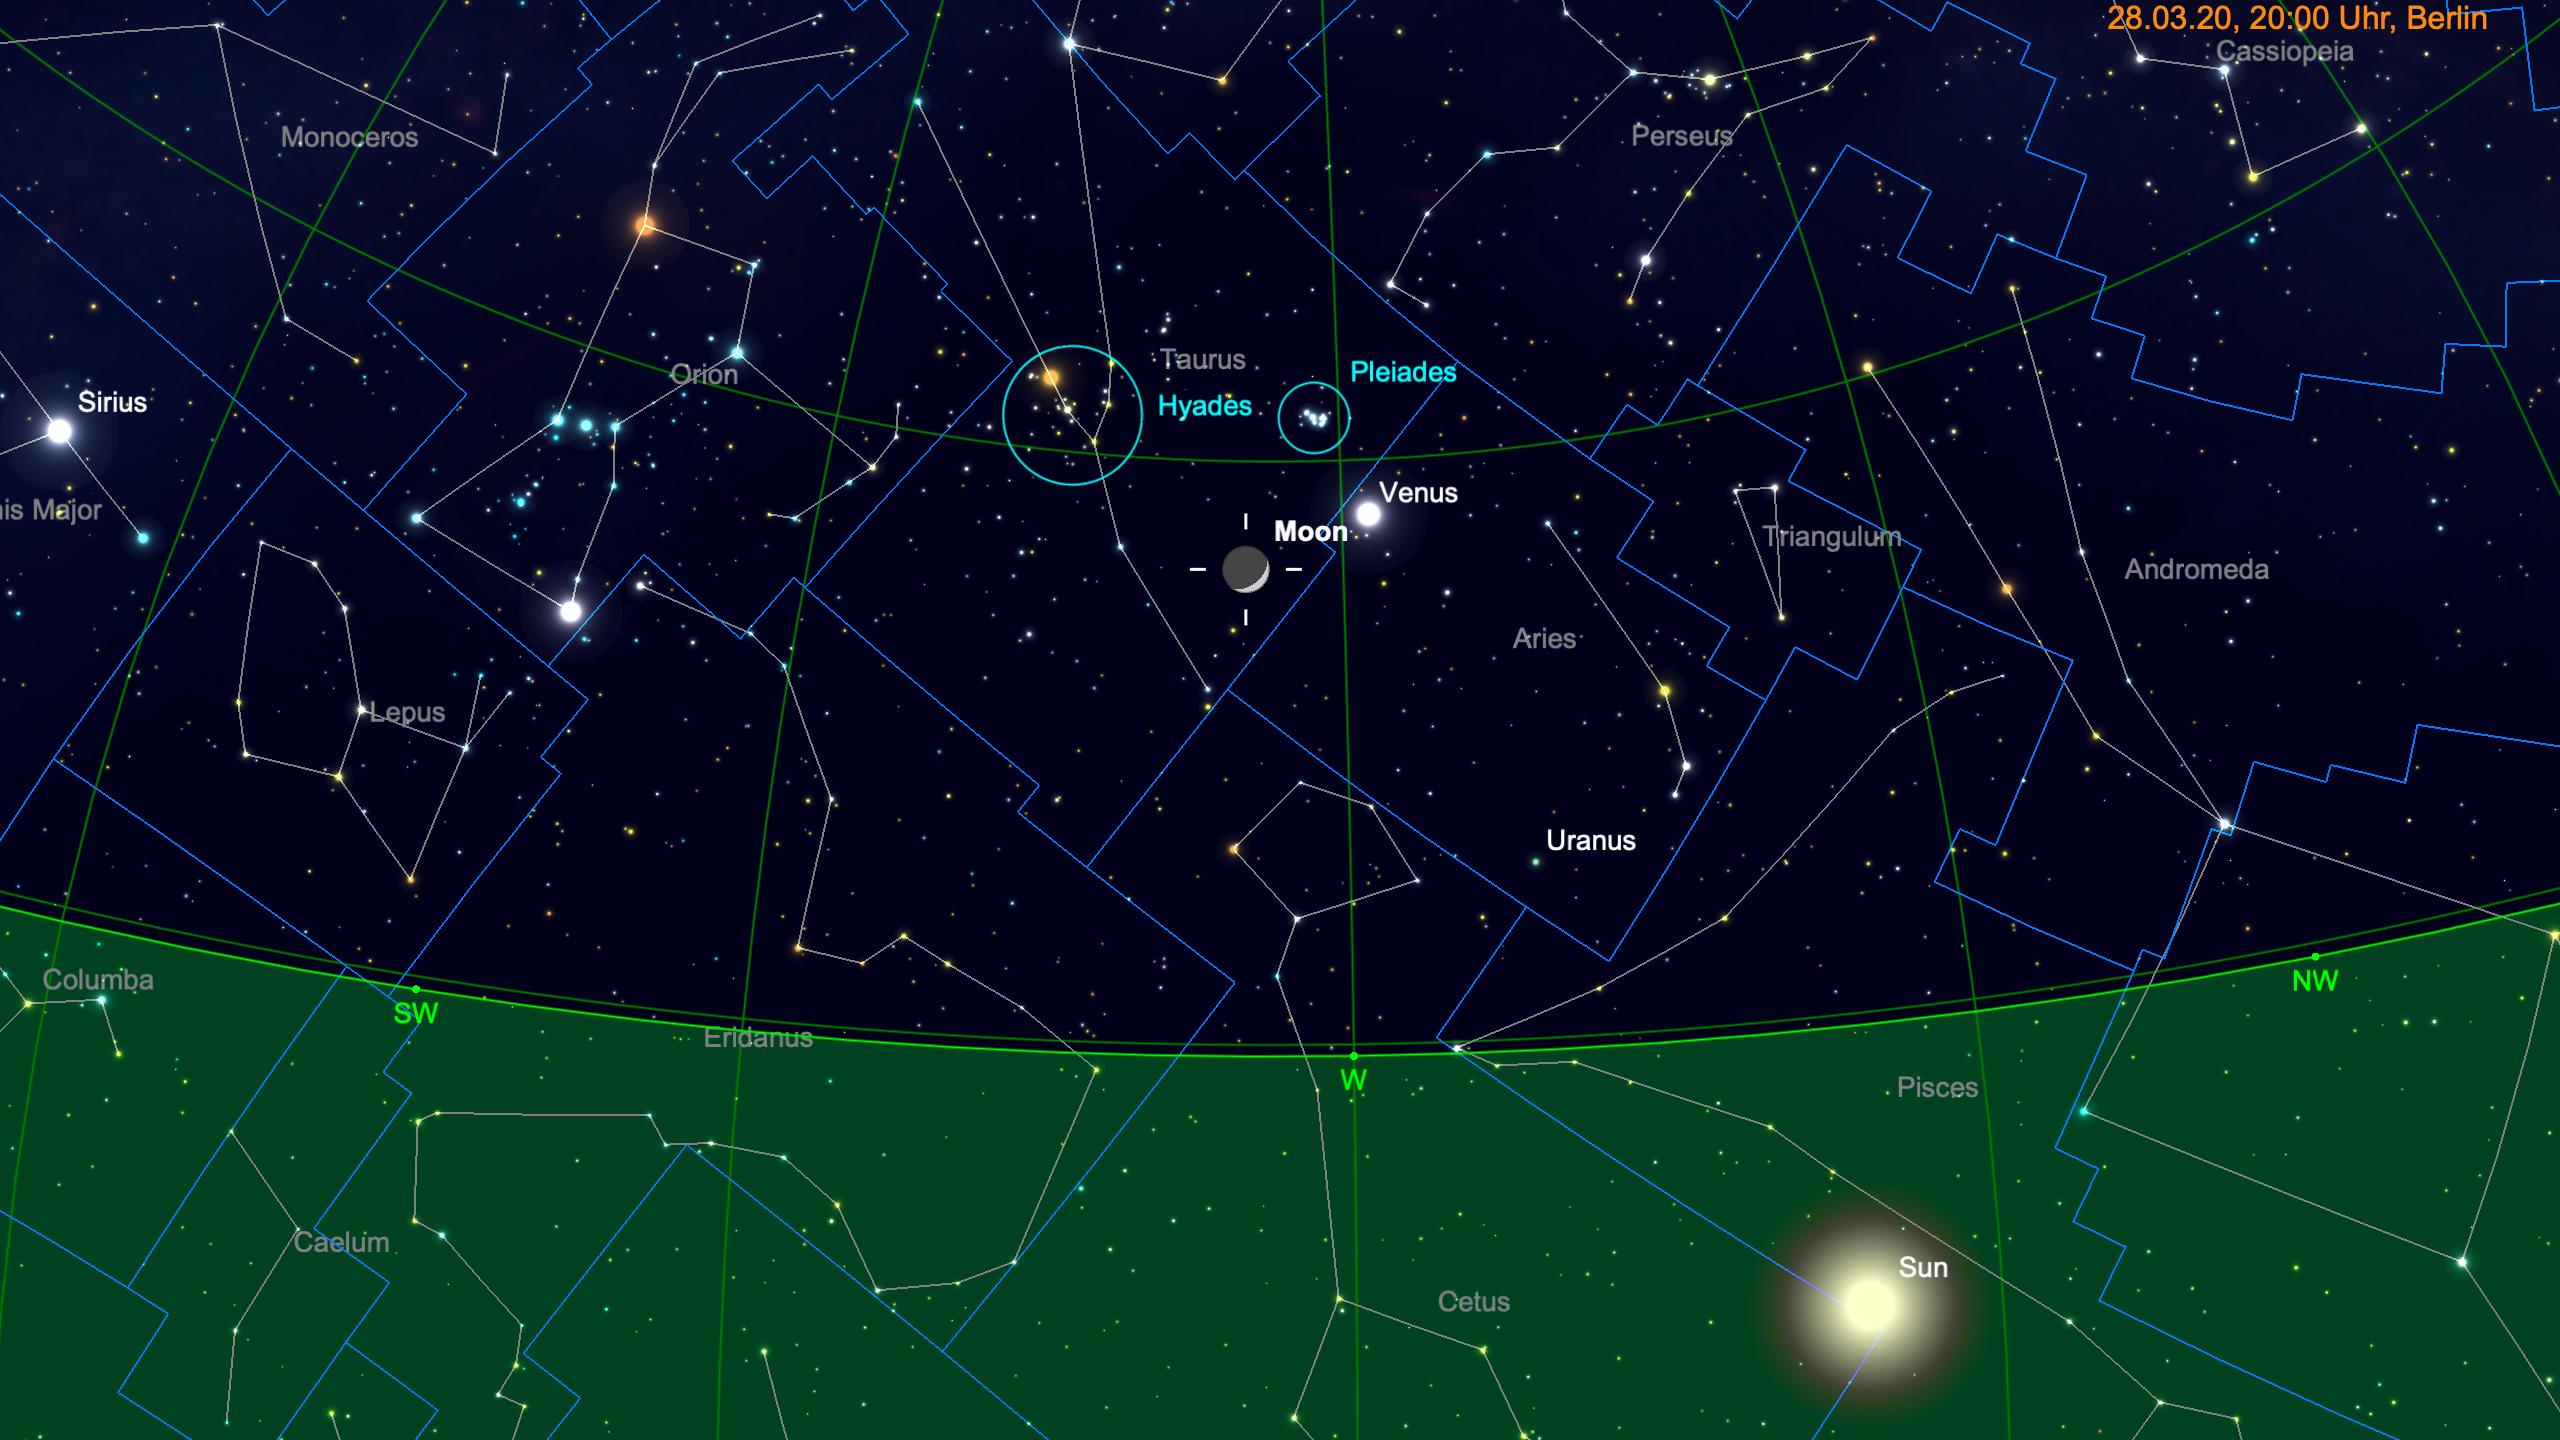 Mond, Venus, Plejaden und Hyaden